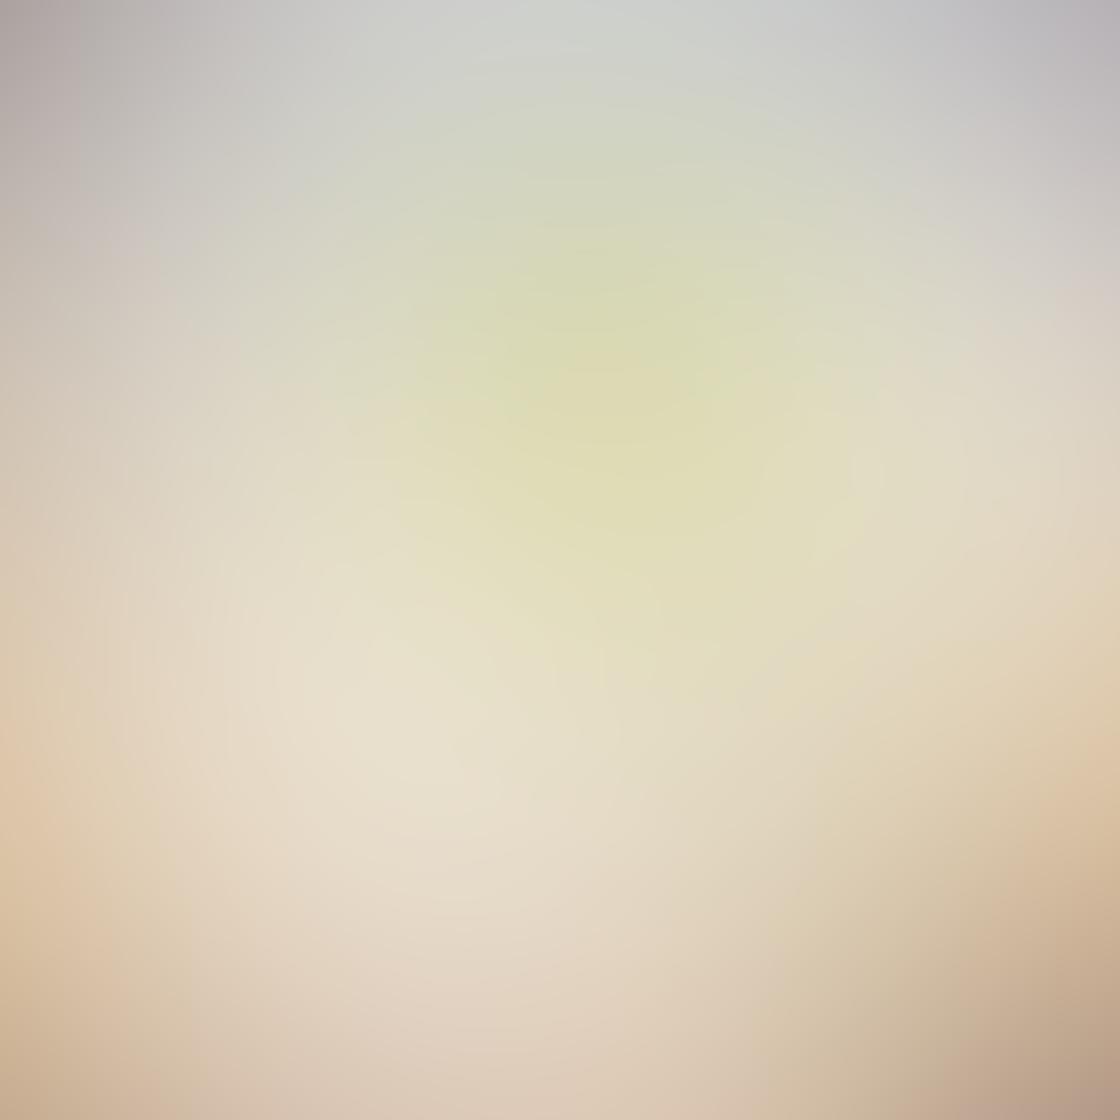 iPhone Photos Texture  50